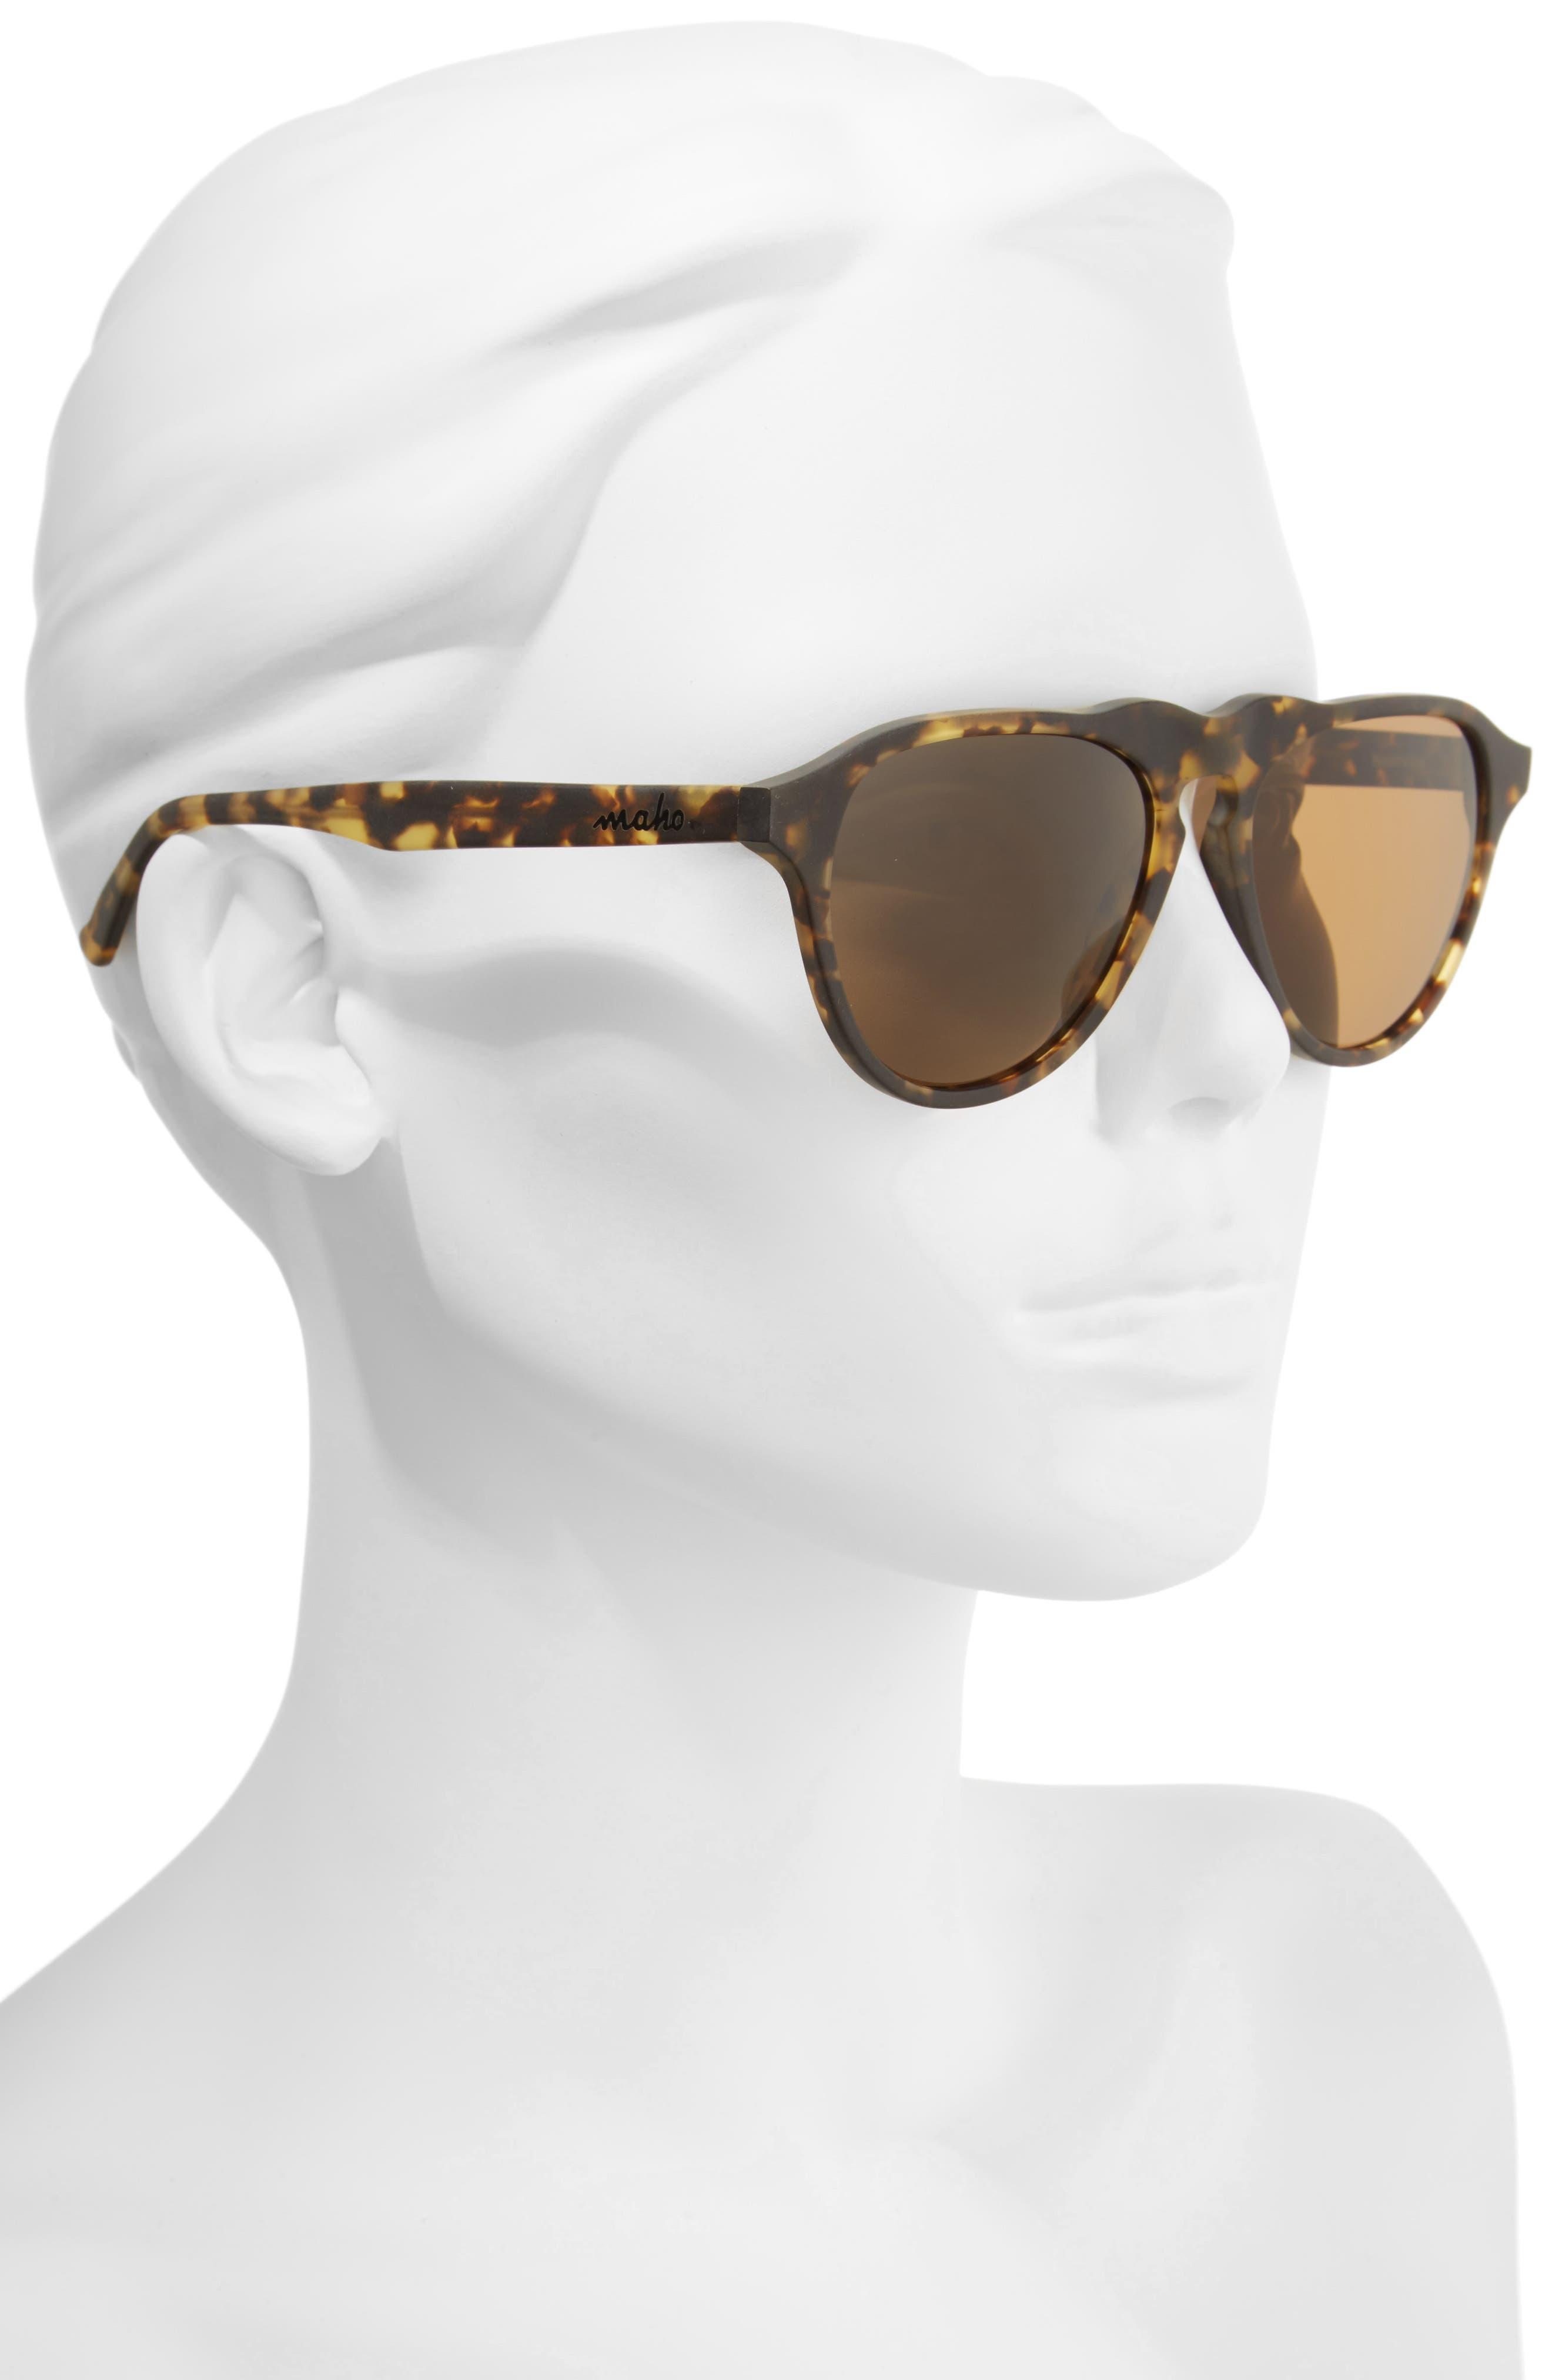 Nashville 54mm Polarized Aviator Sunglasses,                             Alternate thumbnail 2, color,                             BENGAL